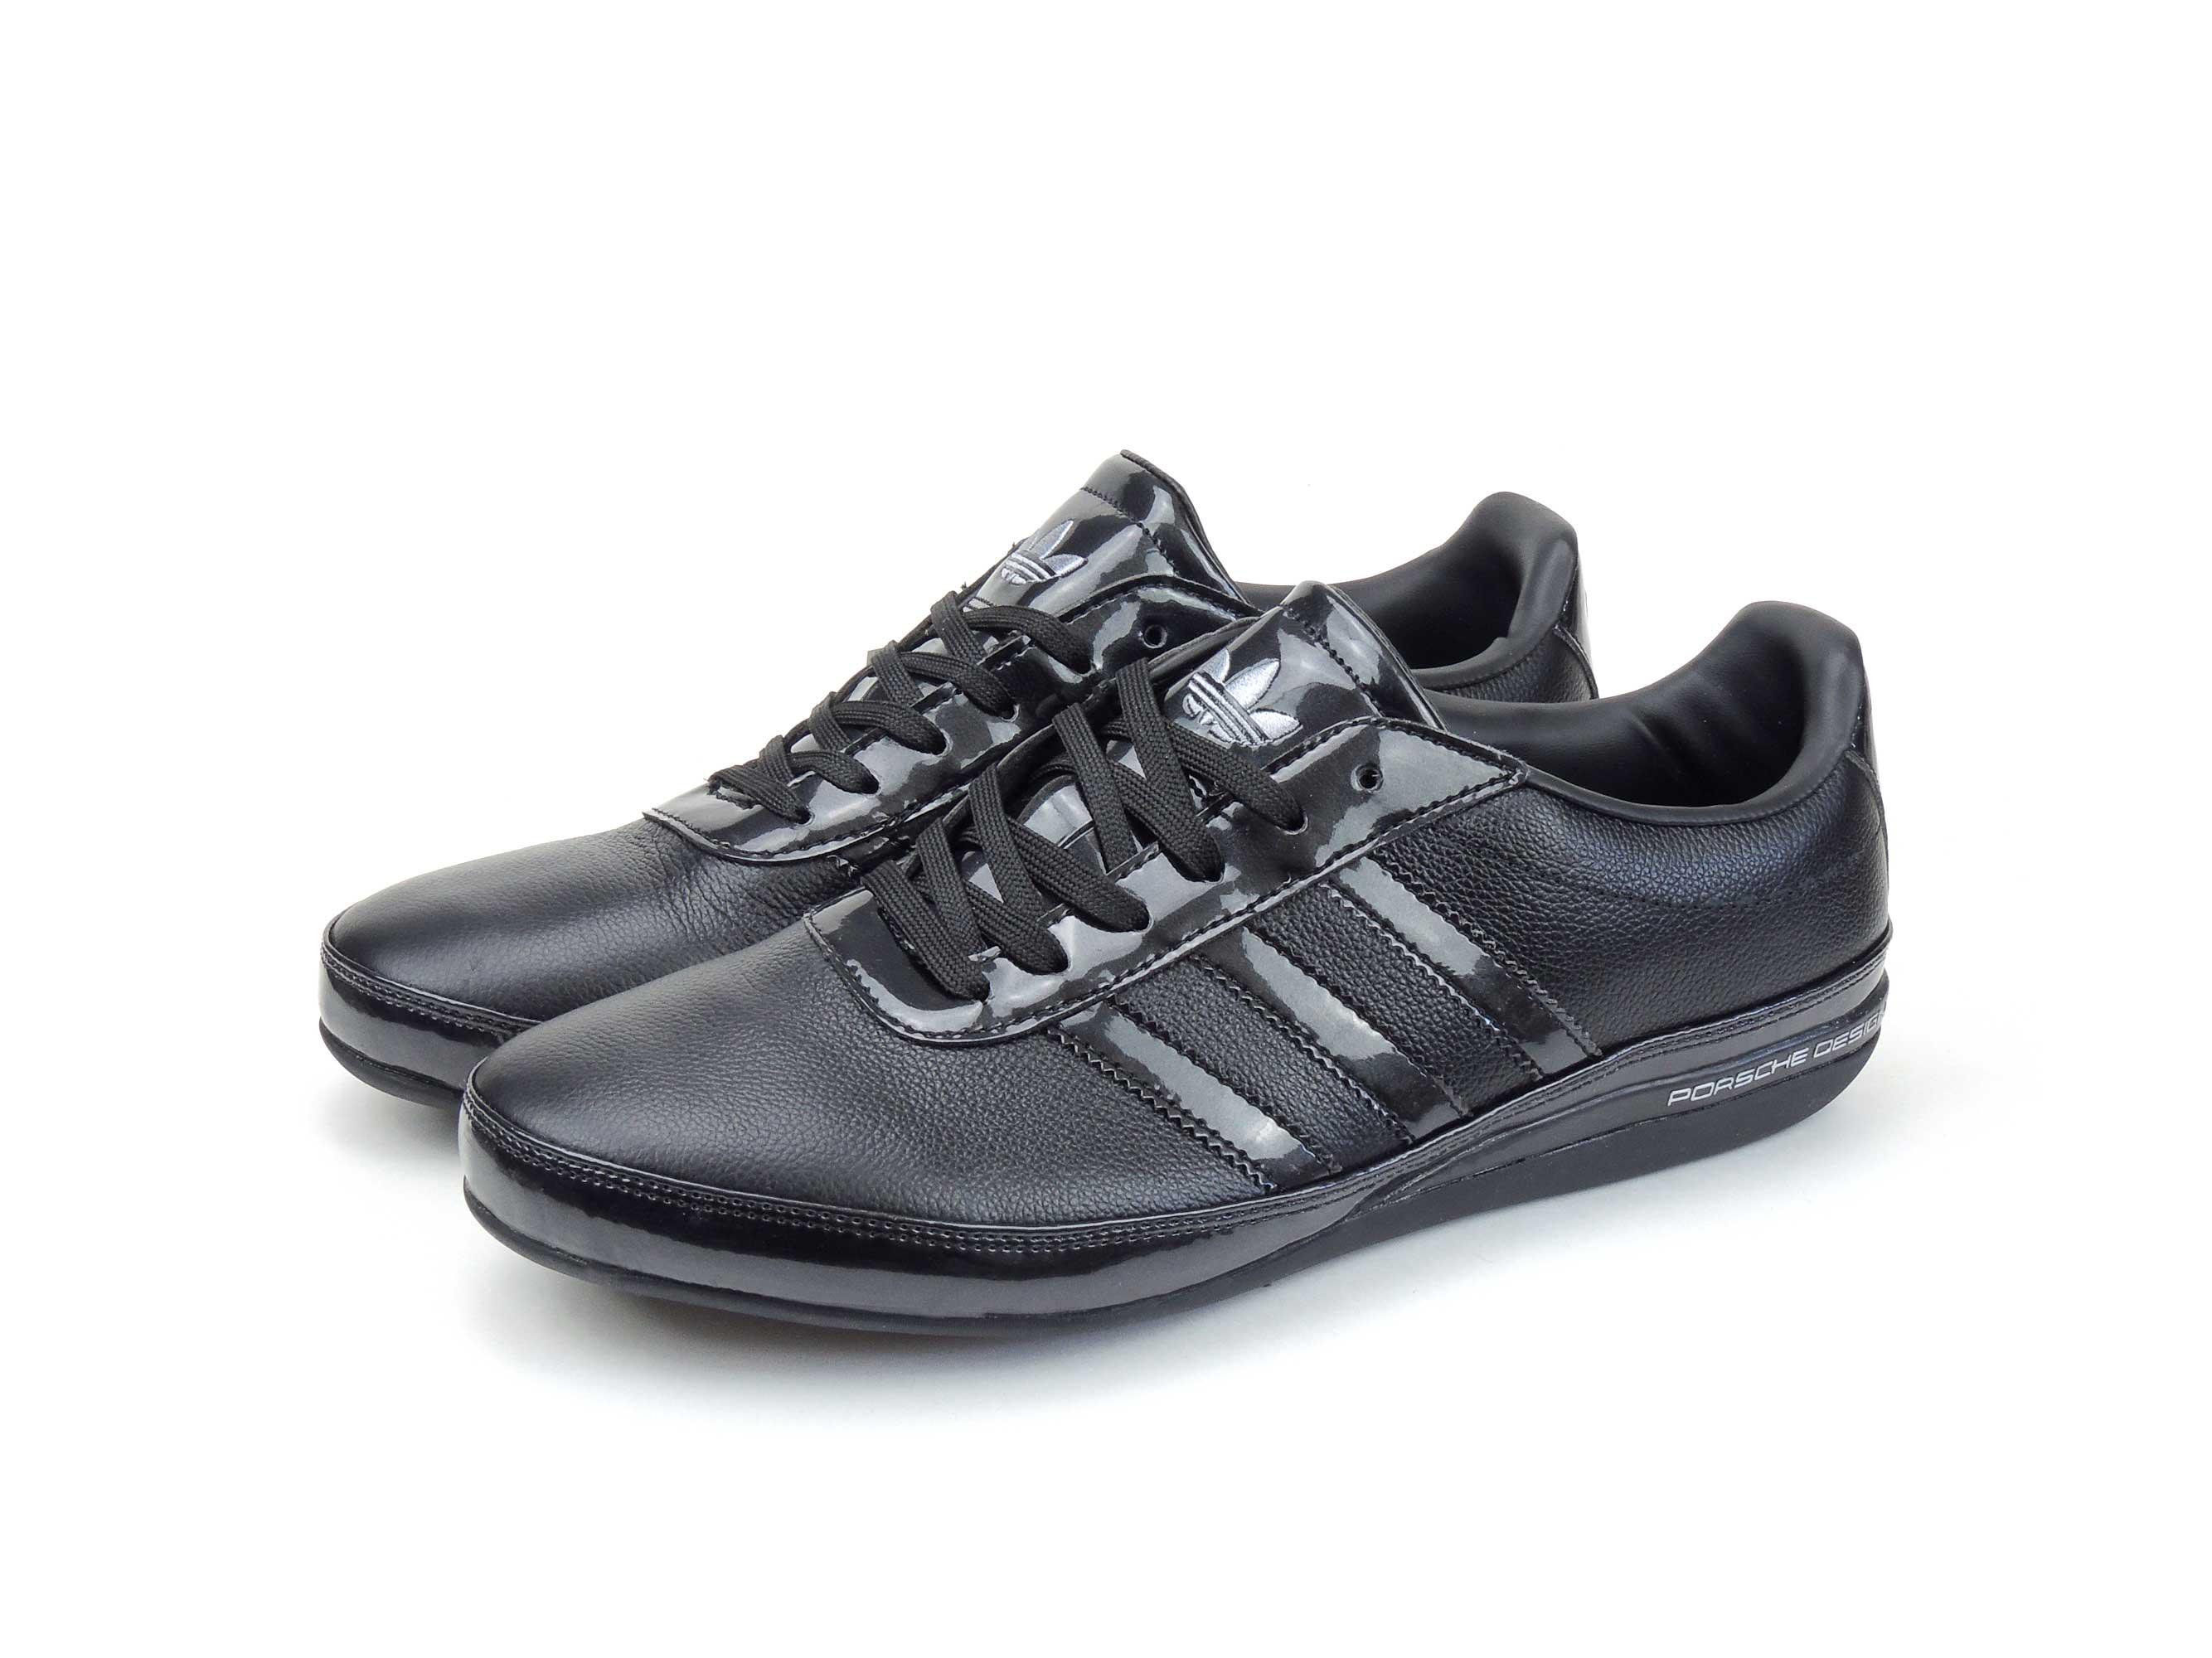 sale retailer b03c1 20357 adidas porsche design S3 black G42610